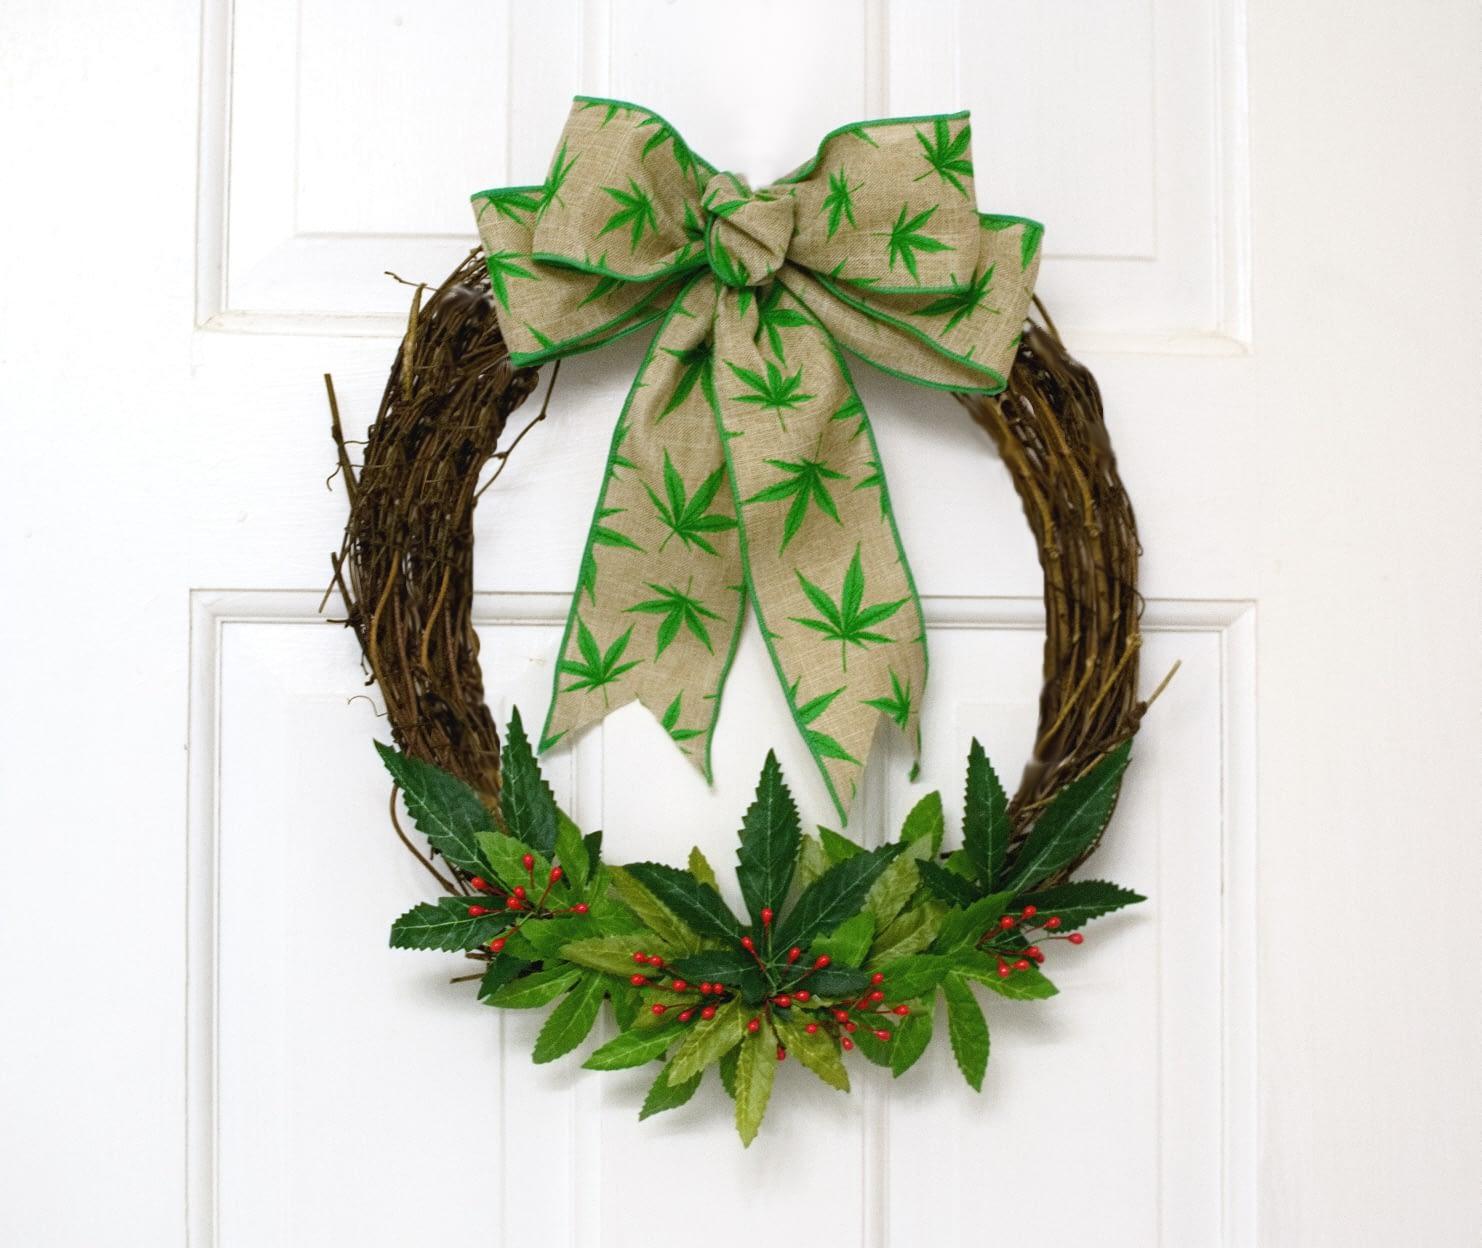 Cannabis Grapevine Wreath – FREE shipping